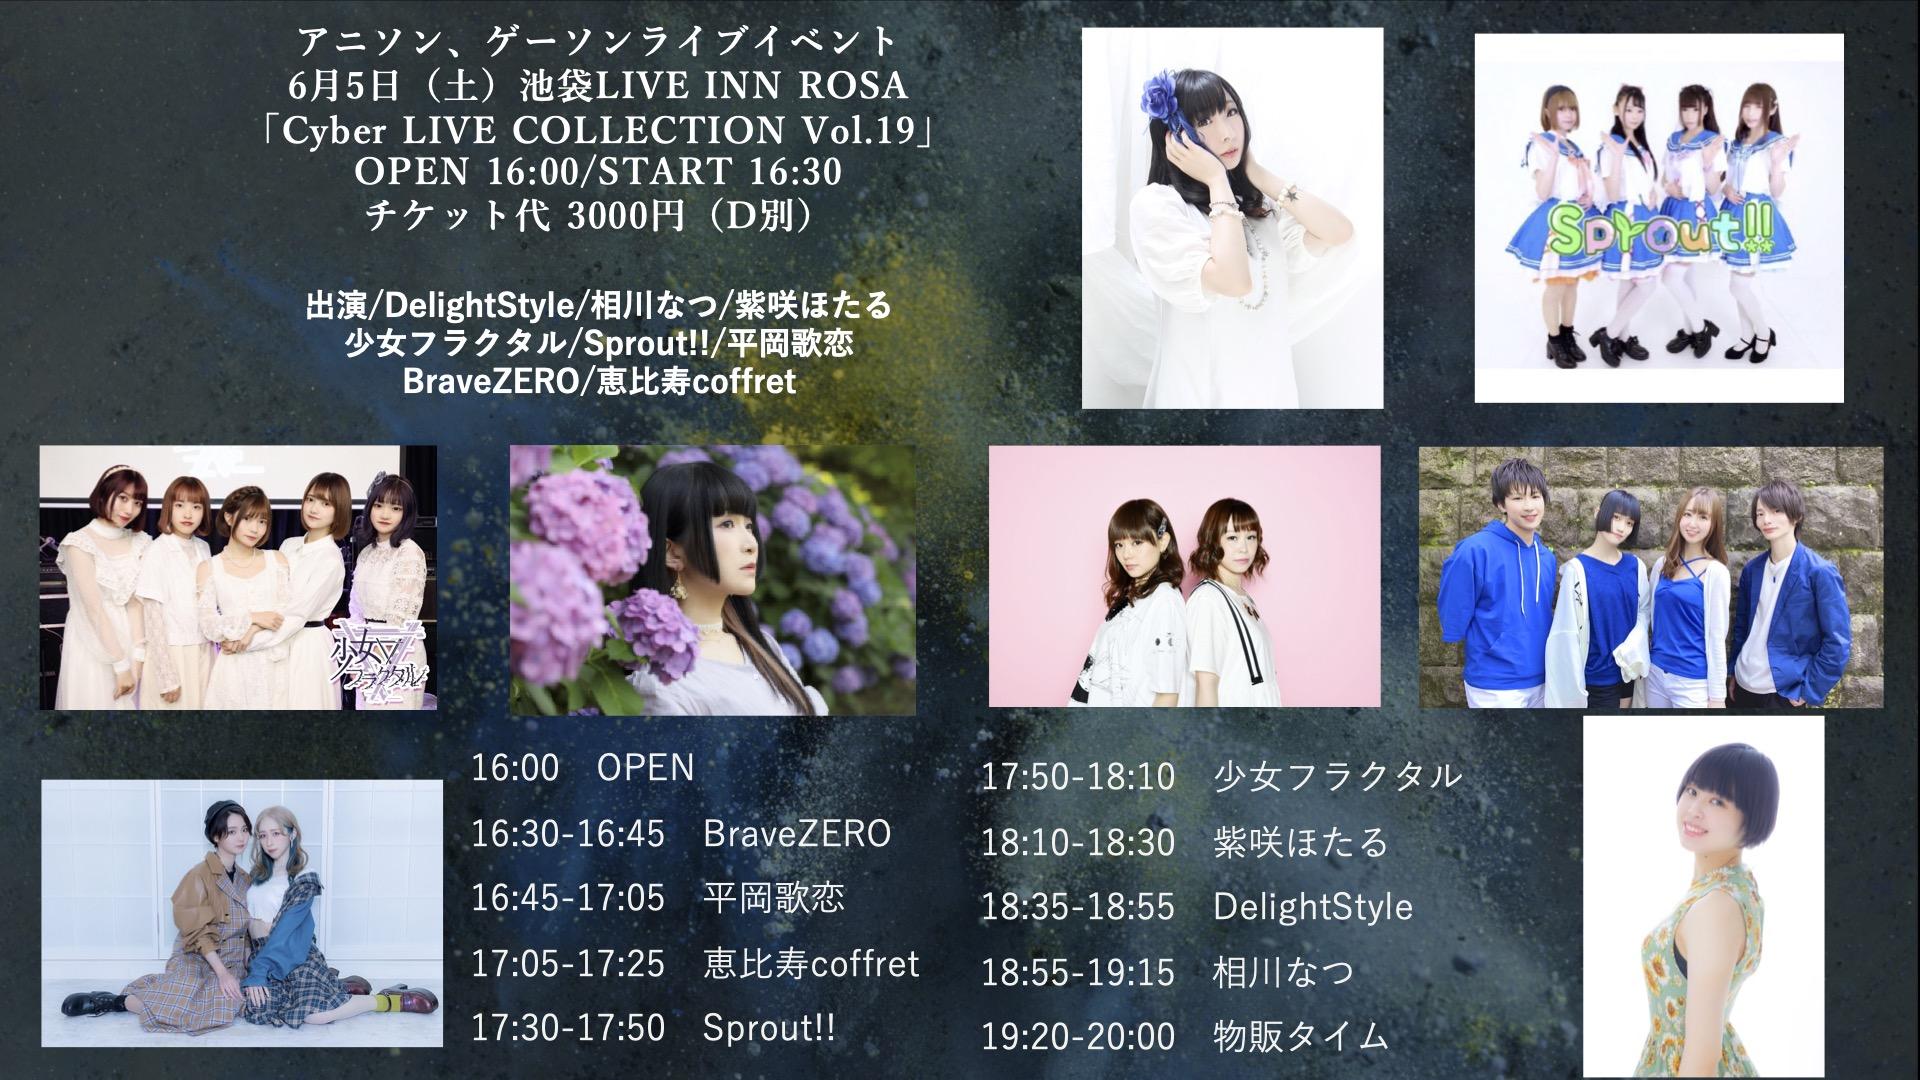 6月5日(土)池袋LIVE IN ROSA  「Cyber  LIVE COLLECTION Vol.19」